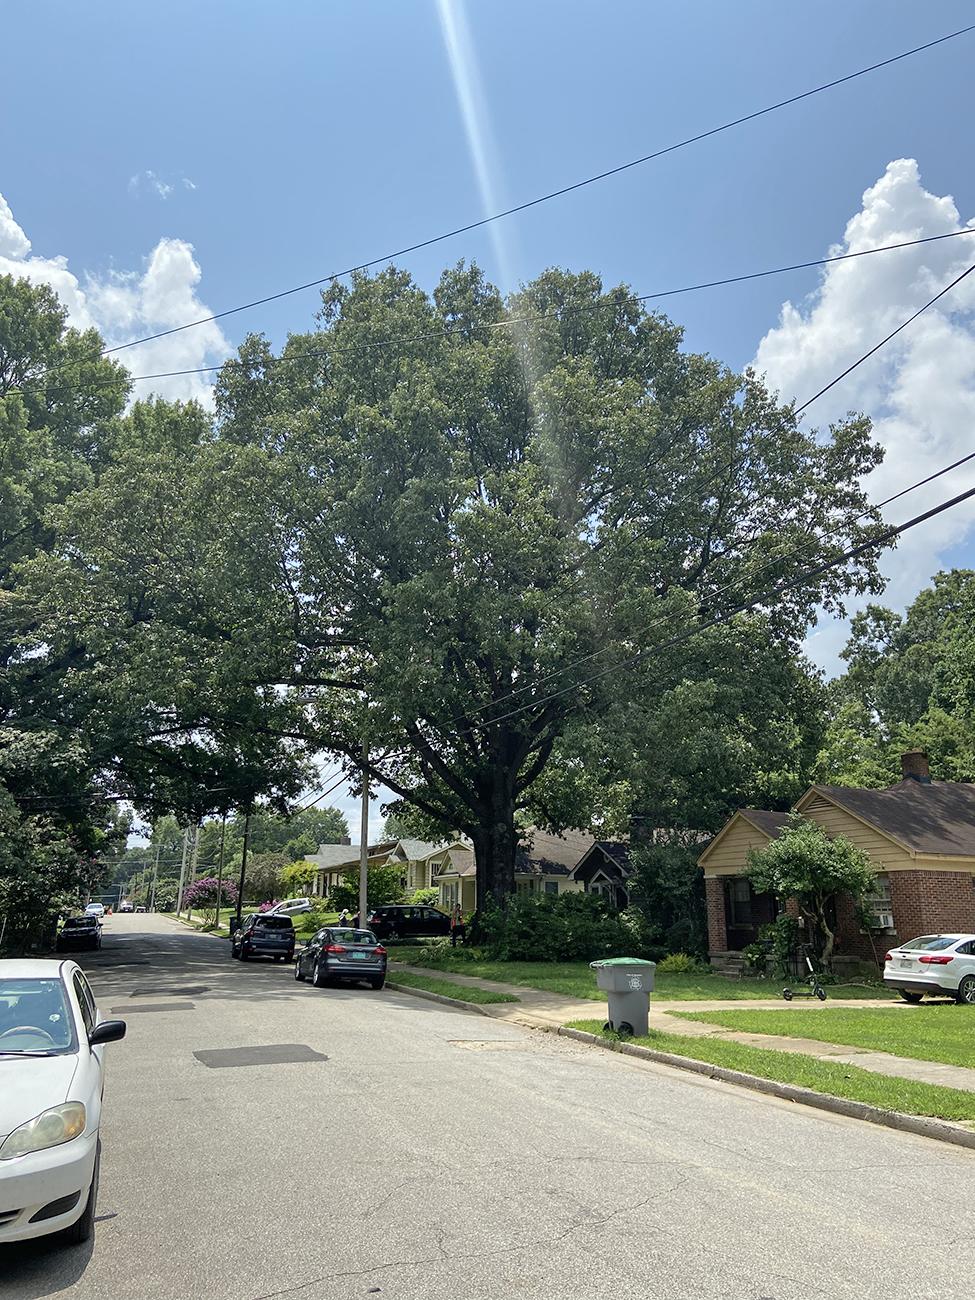 image for Cherrybark Oak